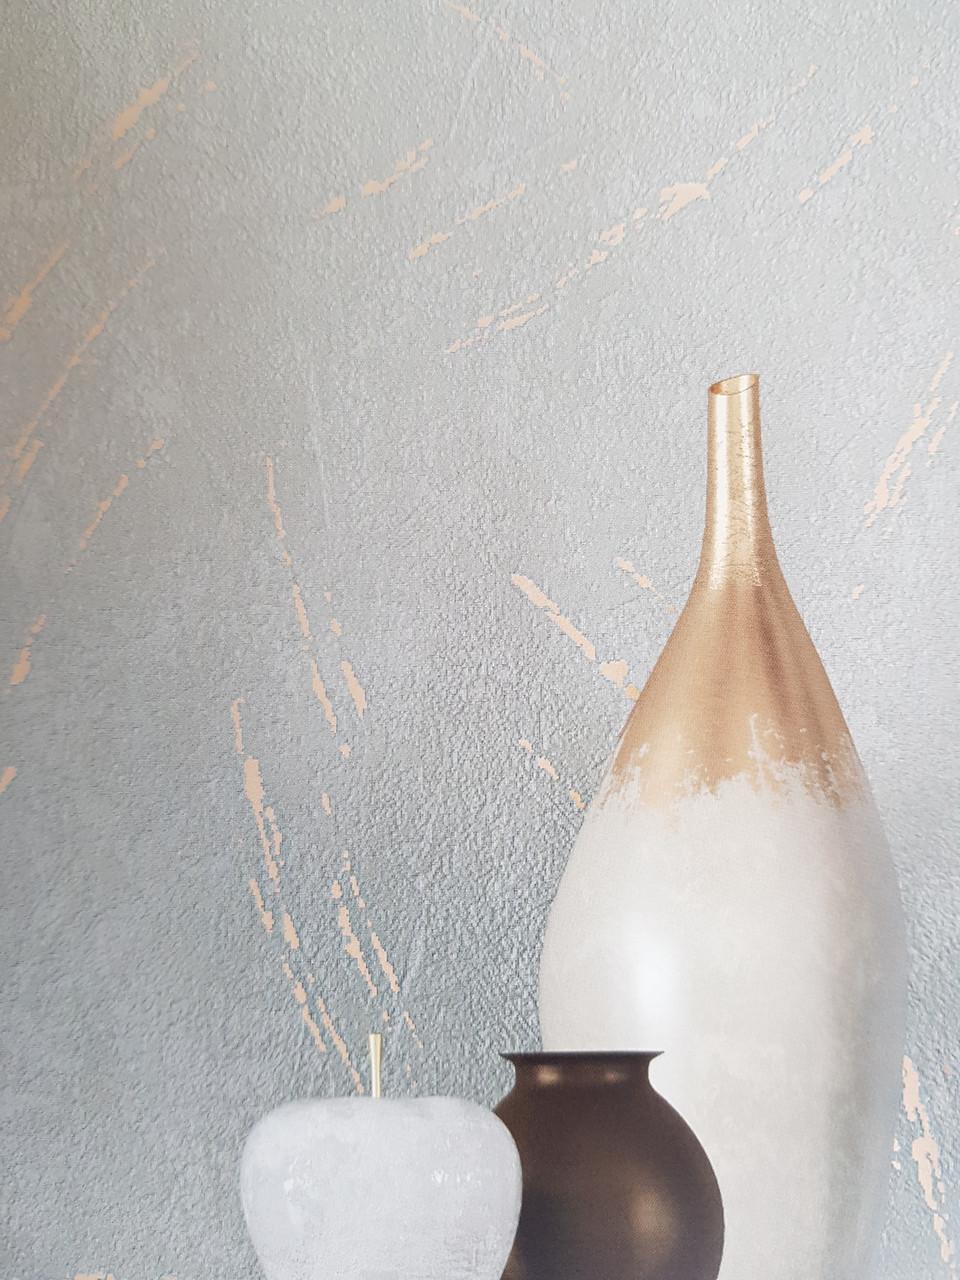 Обои метровые виниловые на флизелине Marburg Villa Romana абстракция под штукатурку темно серые с золотистым